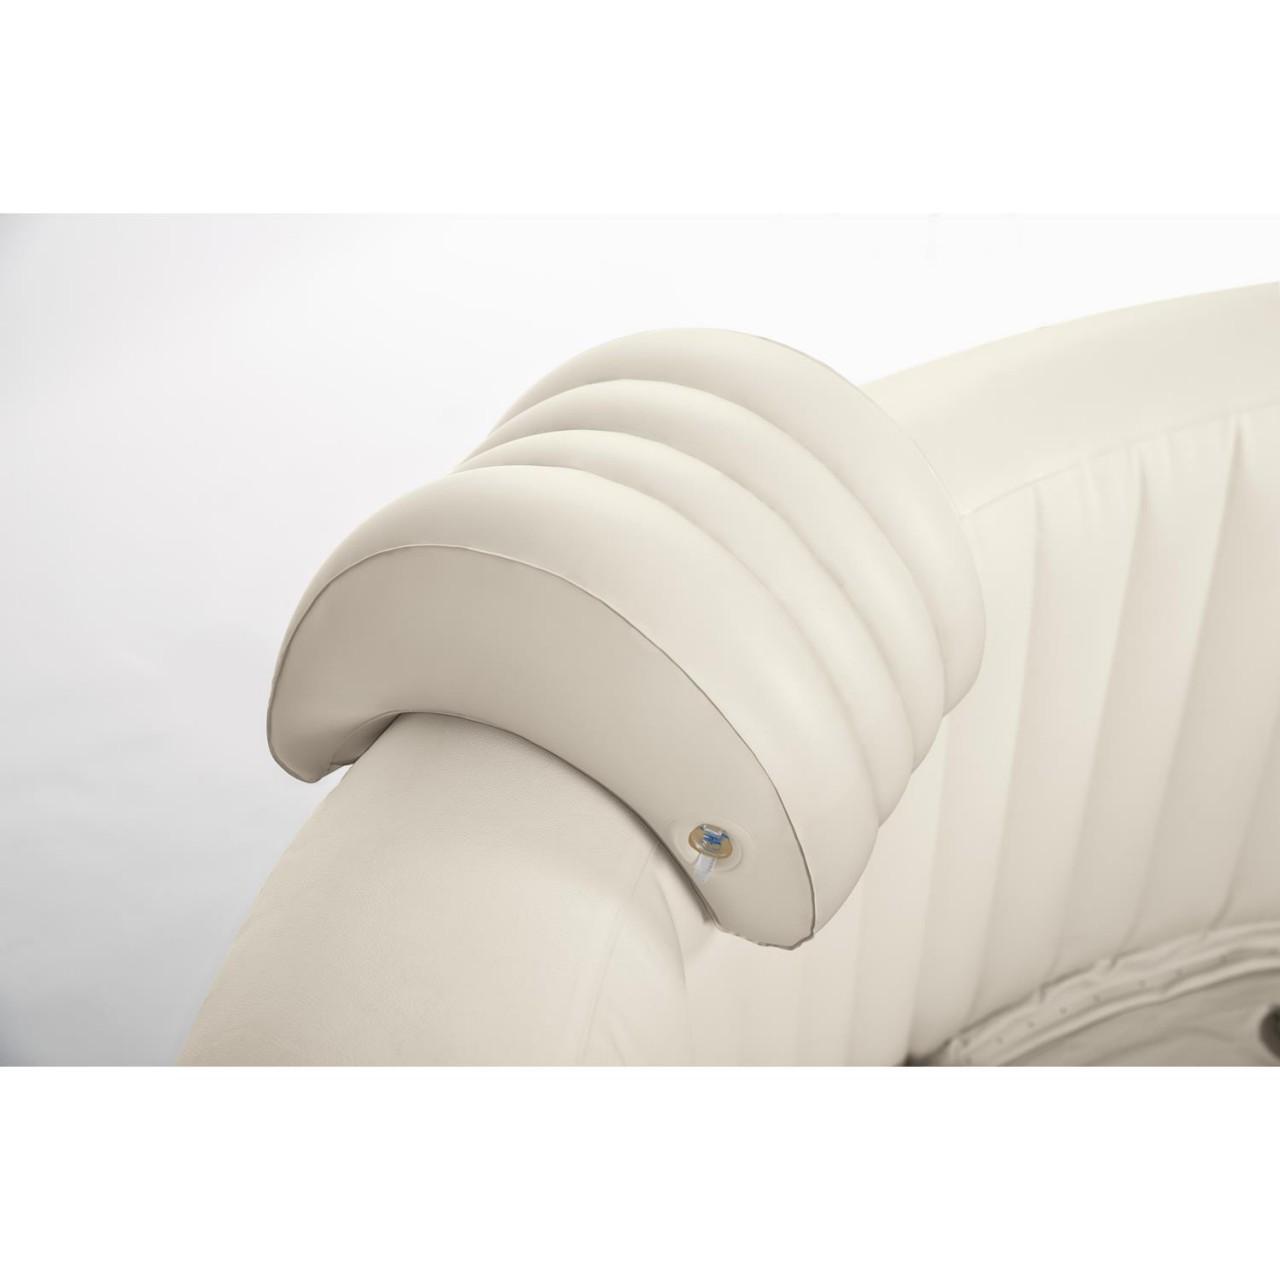 Intex Whirlpoolzubehör Aufblasbare Kopfstütze für Pure SPA, beige, 29 x 30 x 23 cm